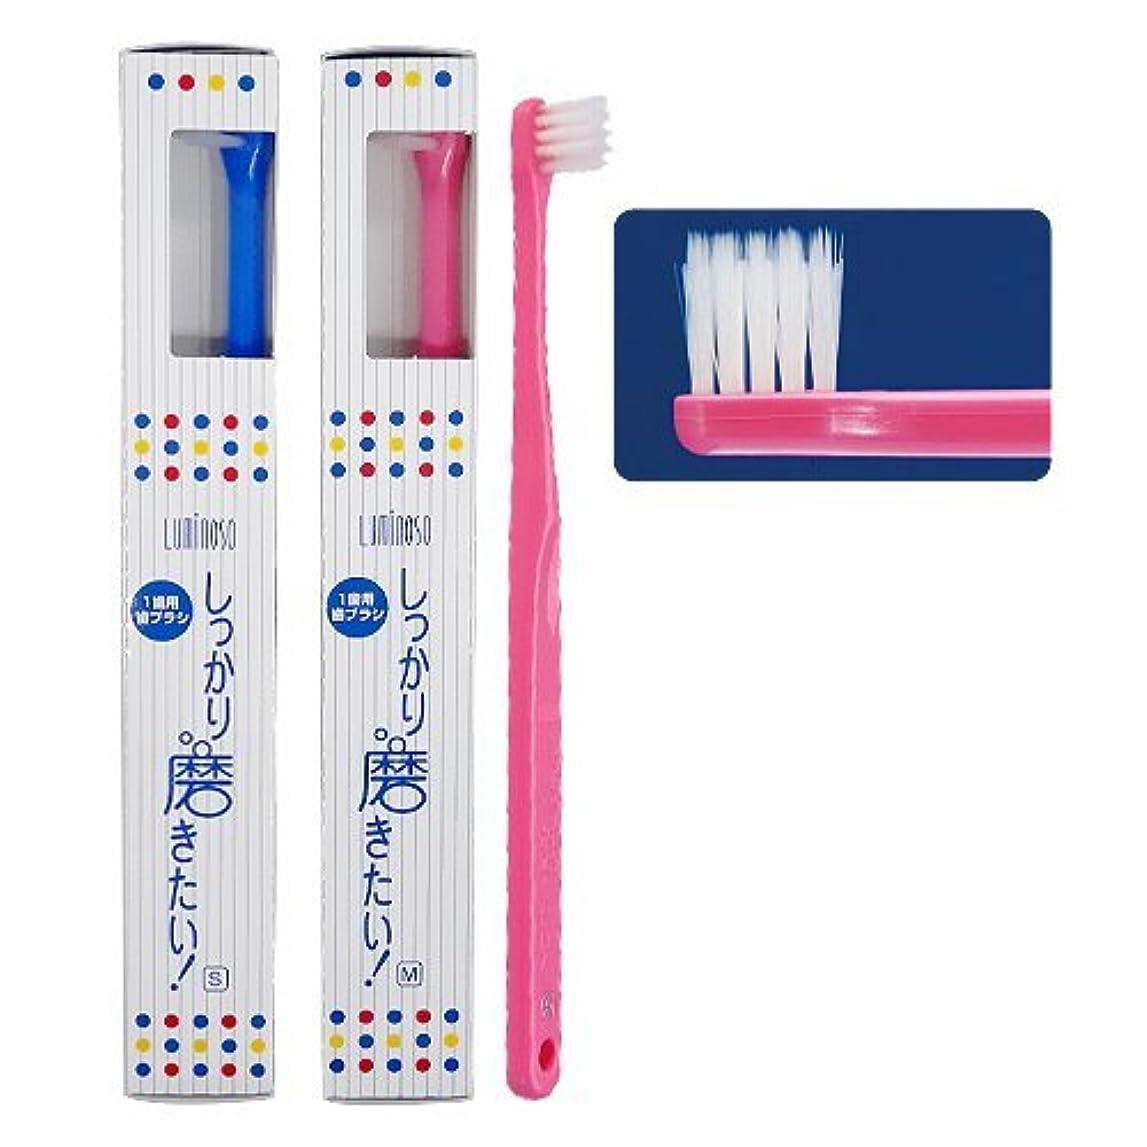 困惑した作業兵器庫ルミノソ 1歯用歯ブラシ「しっかり磨きたい!」スタンダード ソフト (カラー指定不可) 5本